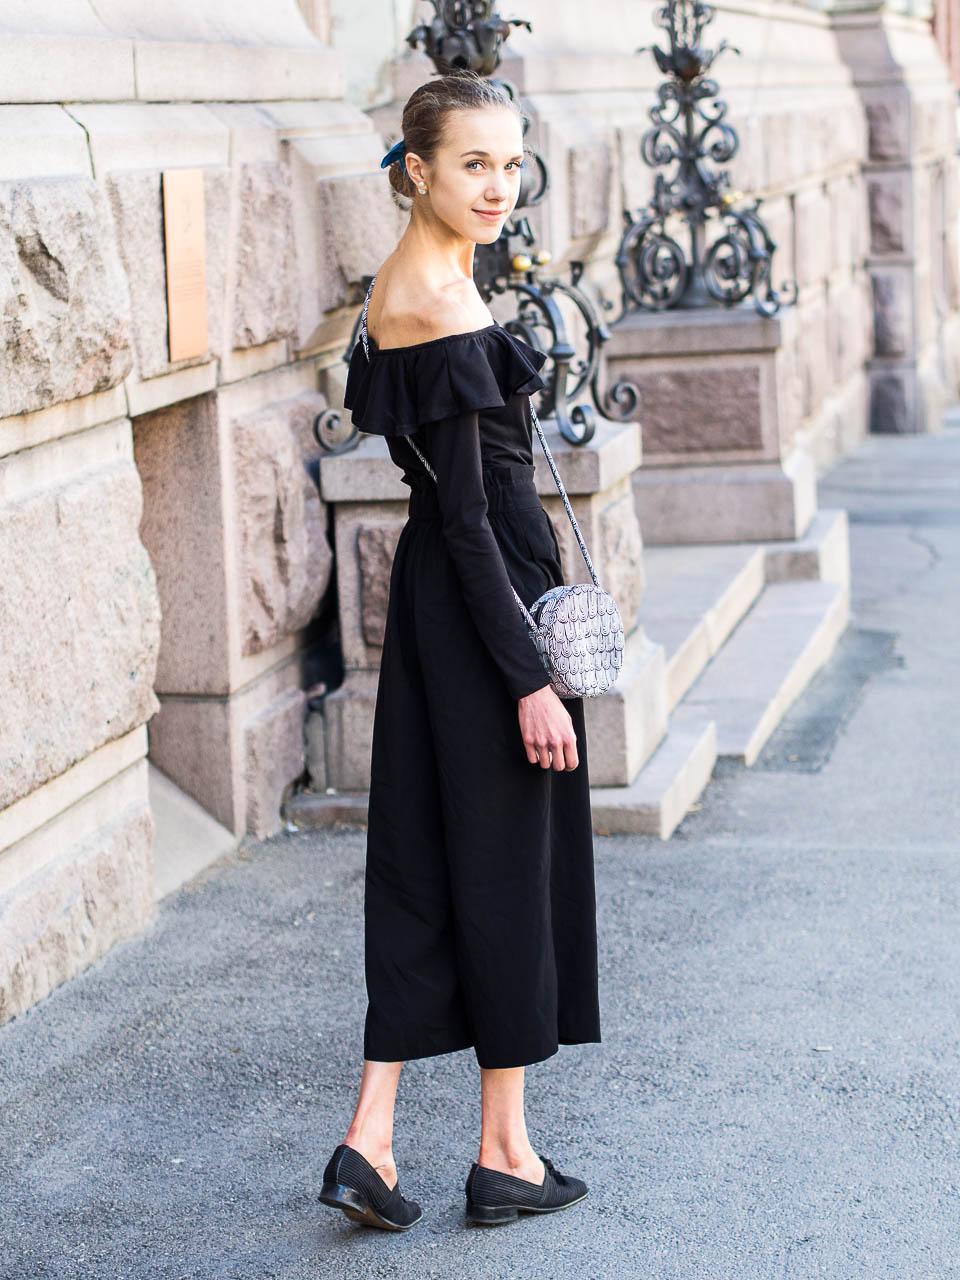 monochrome-summer-outfit-marimekko-bag